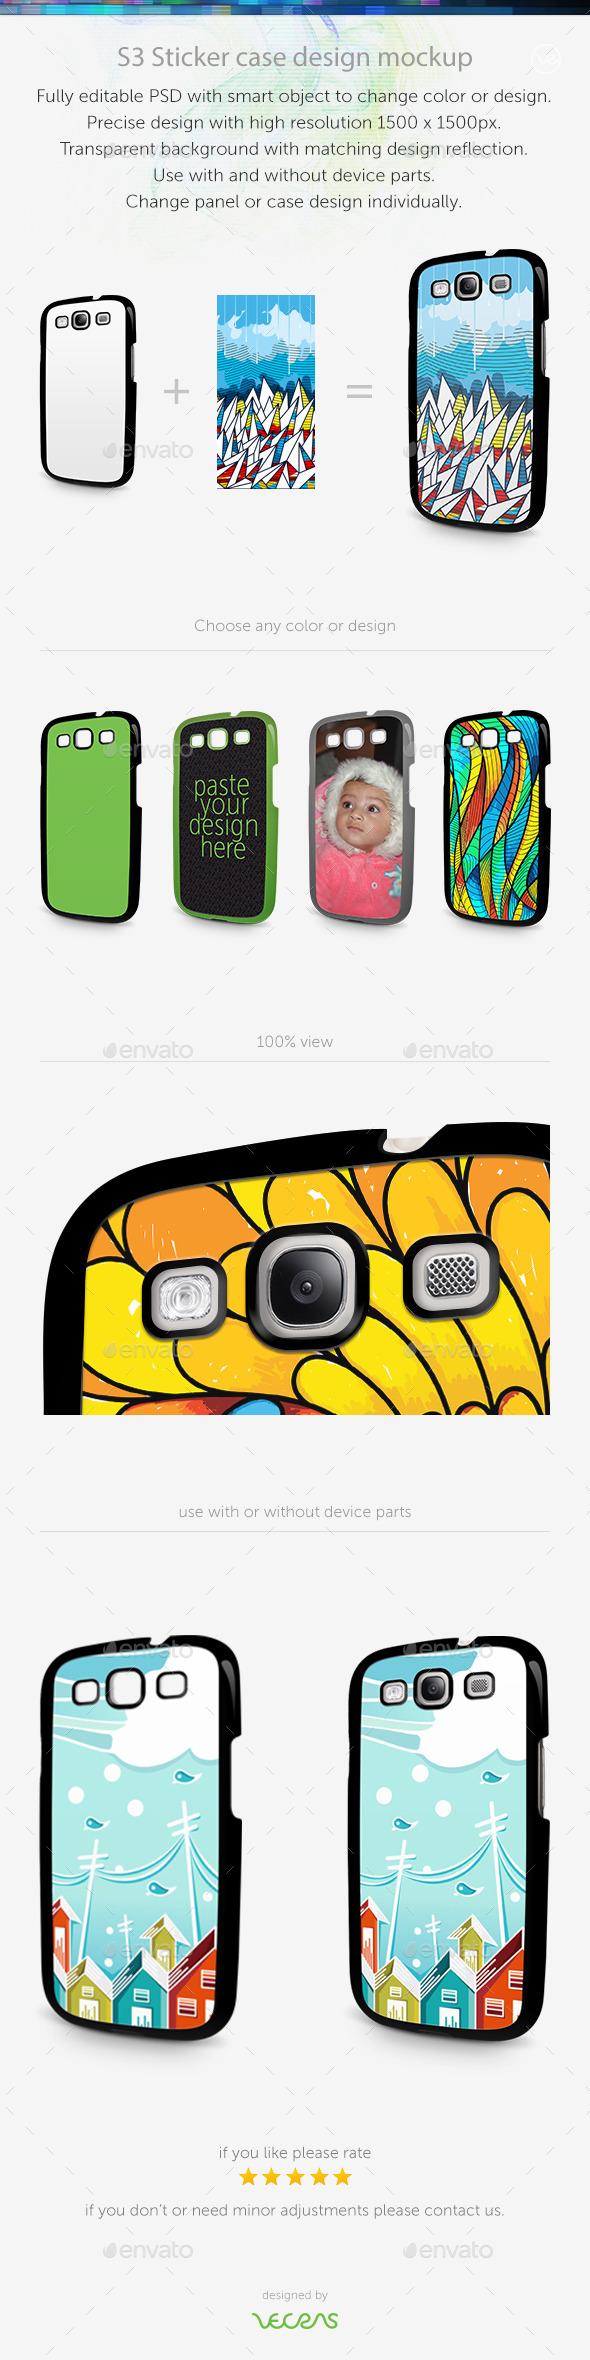 GraphicRiver S3 Sticker Case Design Mockup 10449158